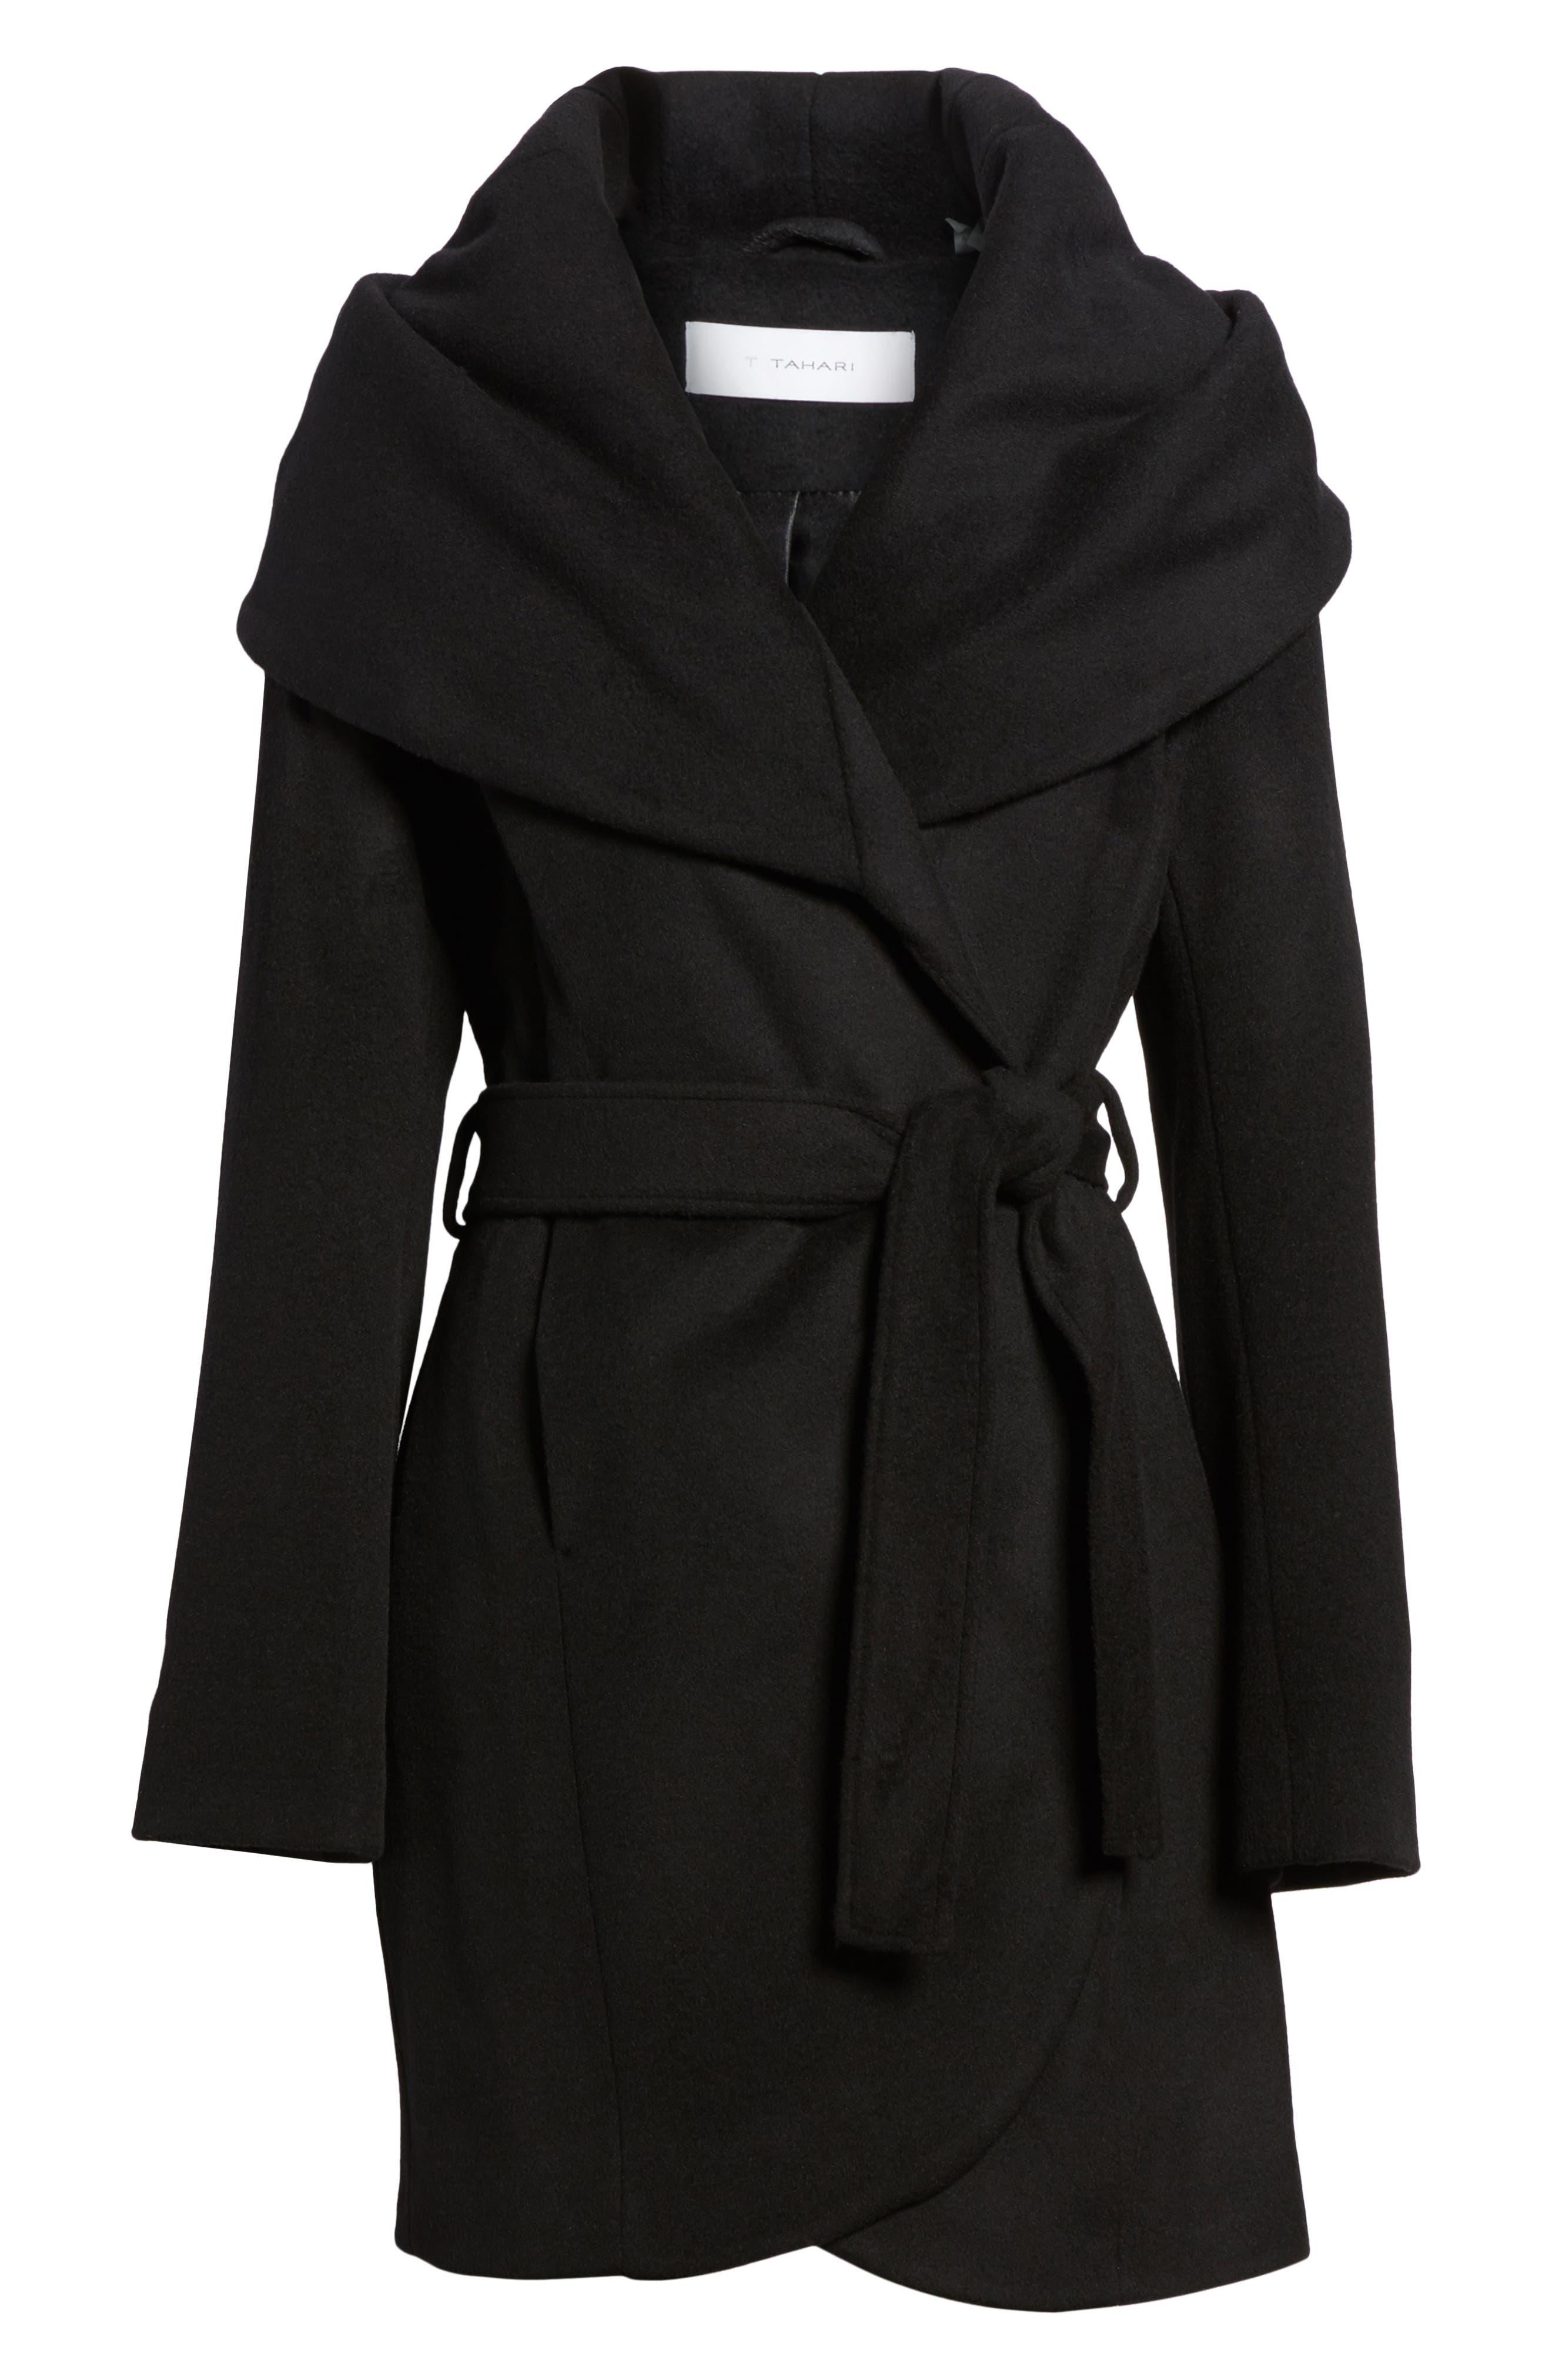 TAHARI, T Tahari Wool Blend Belted Wrap Coat, Alternate thumbnail 2, color, 001